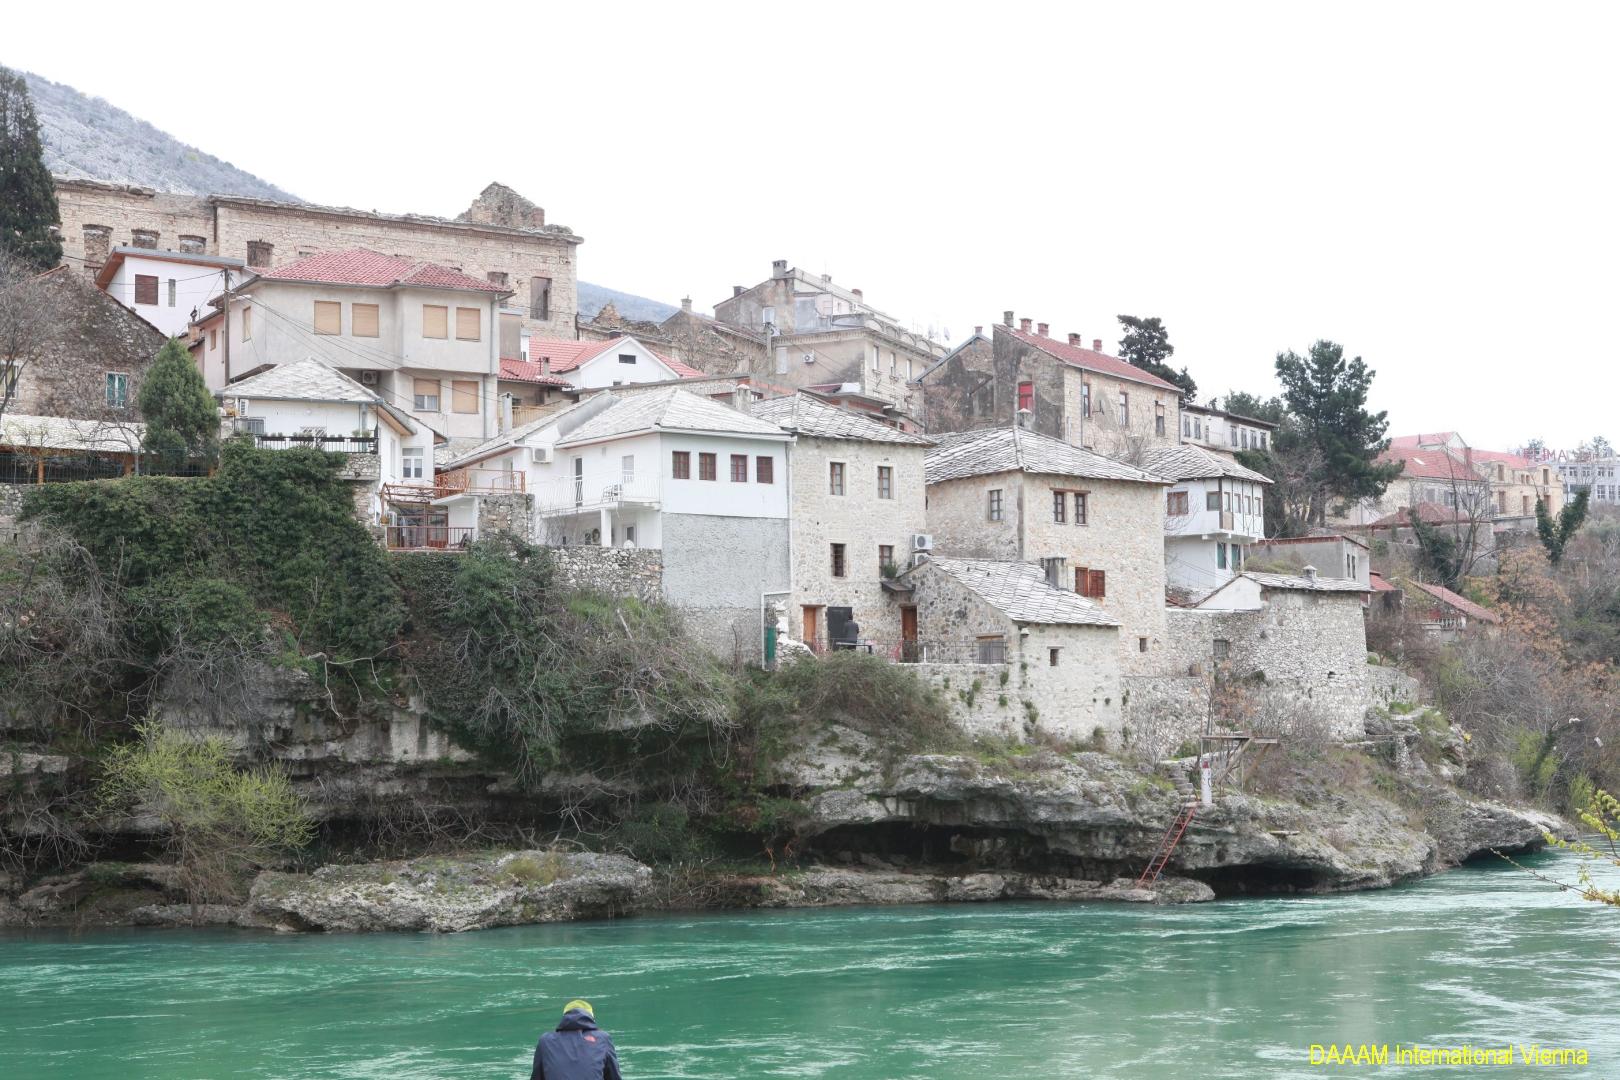 DAAAM_2016_Mostar_01_Magic_City_of_Mostar_059